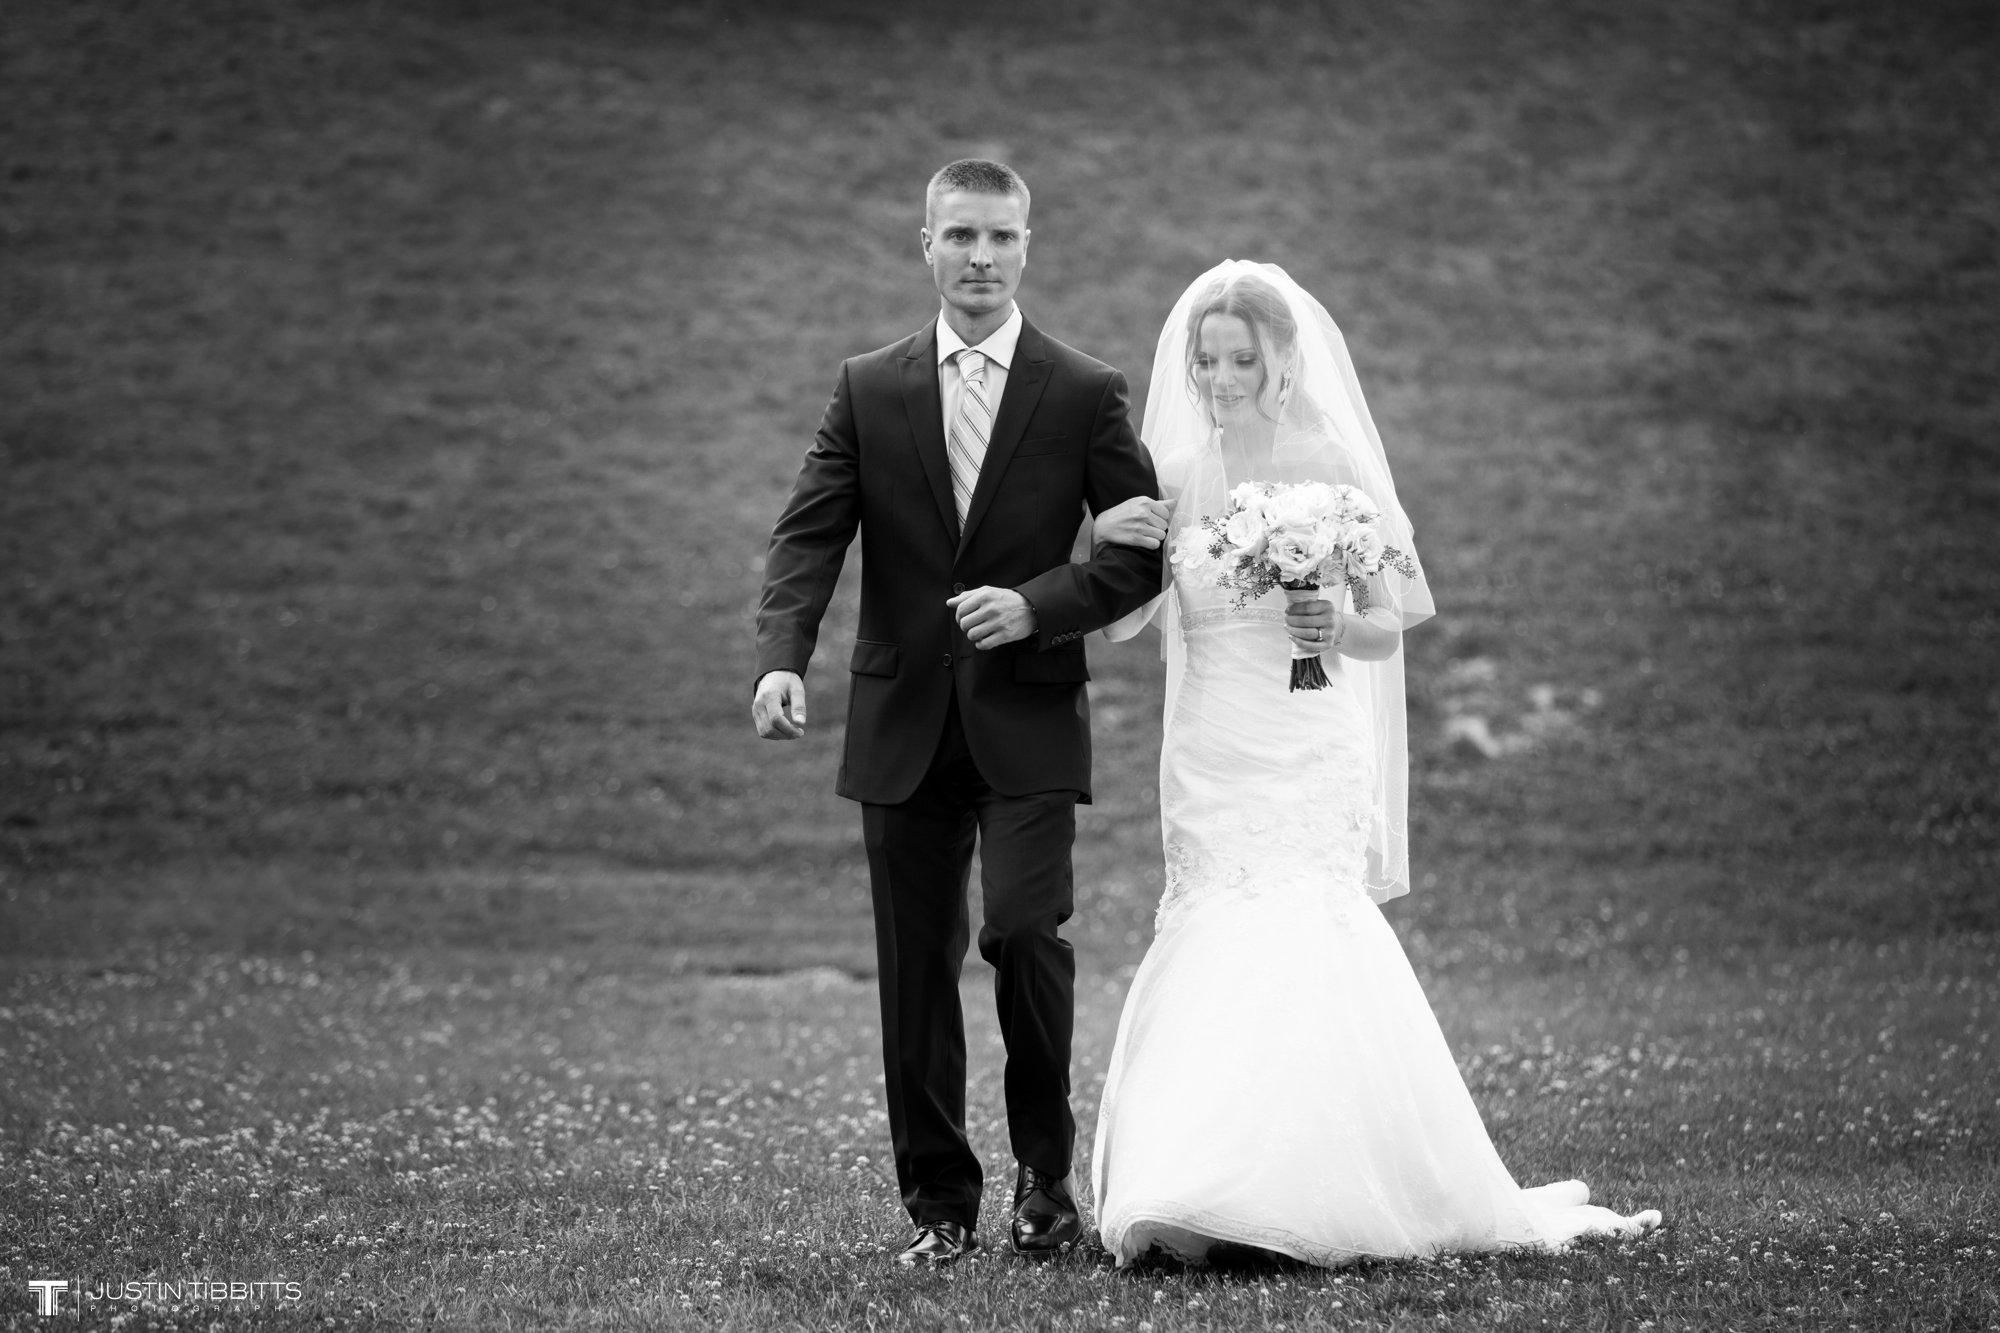 Albany NY Wedding Photographer Justin Tibbitts Photography 2014 Best of Albany NY Weddings-4221363828